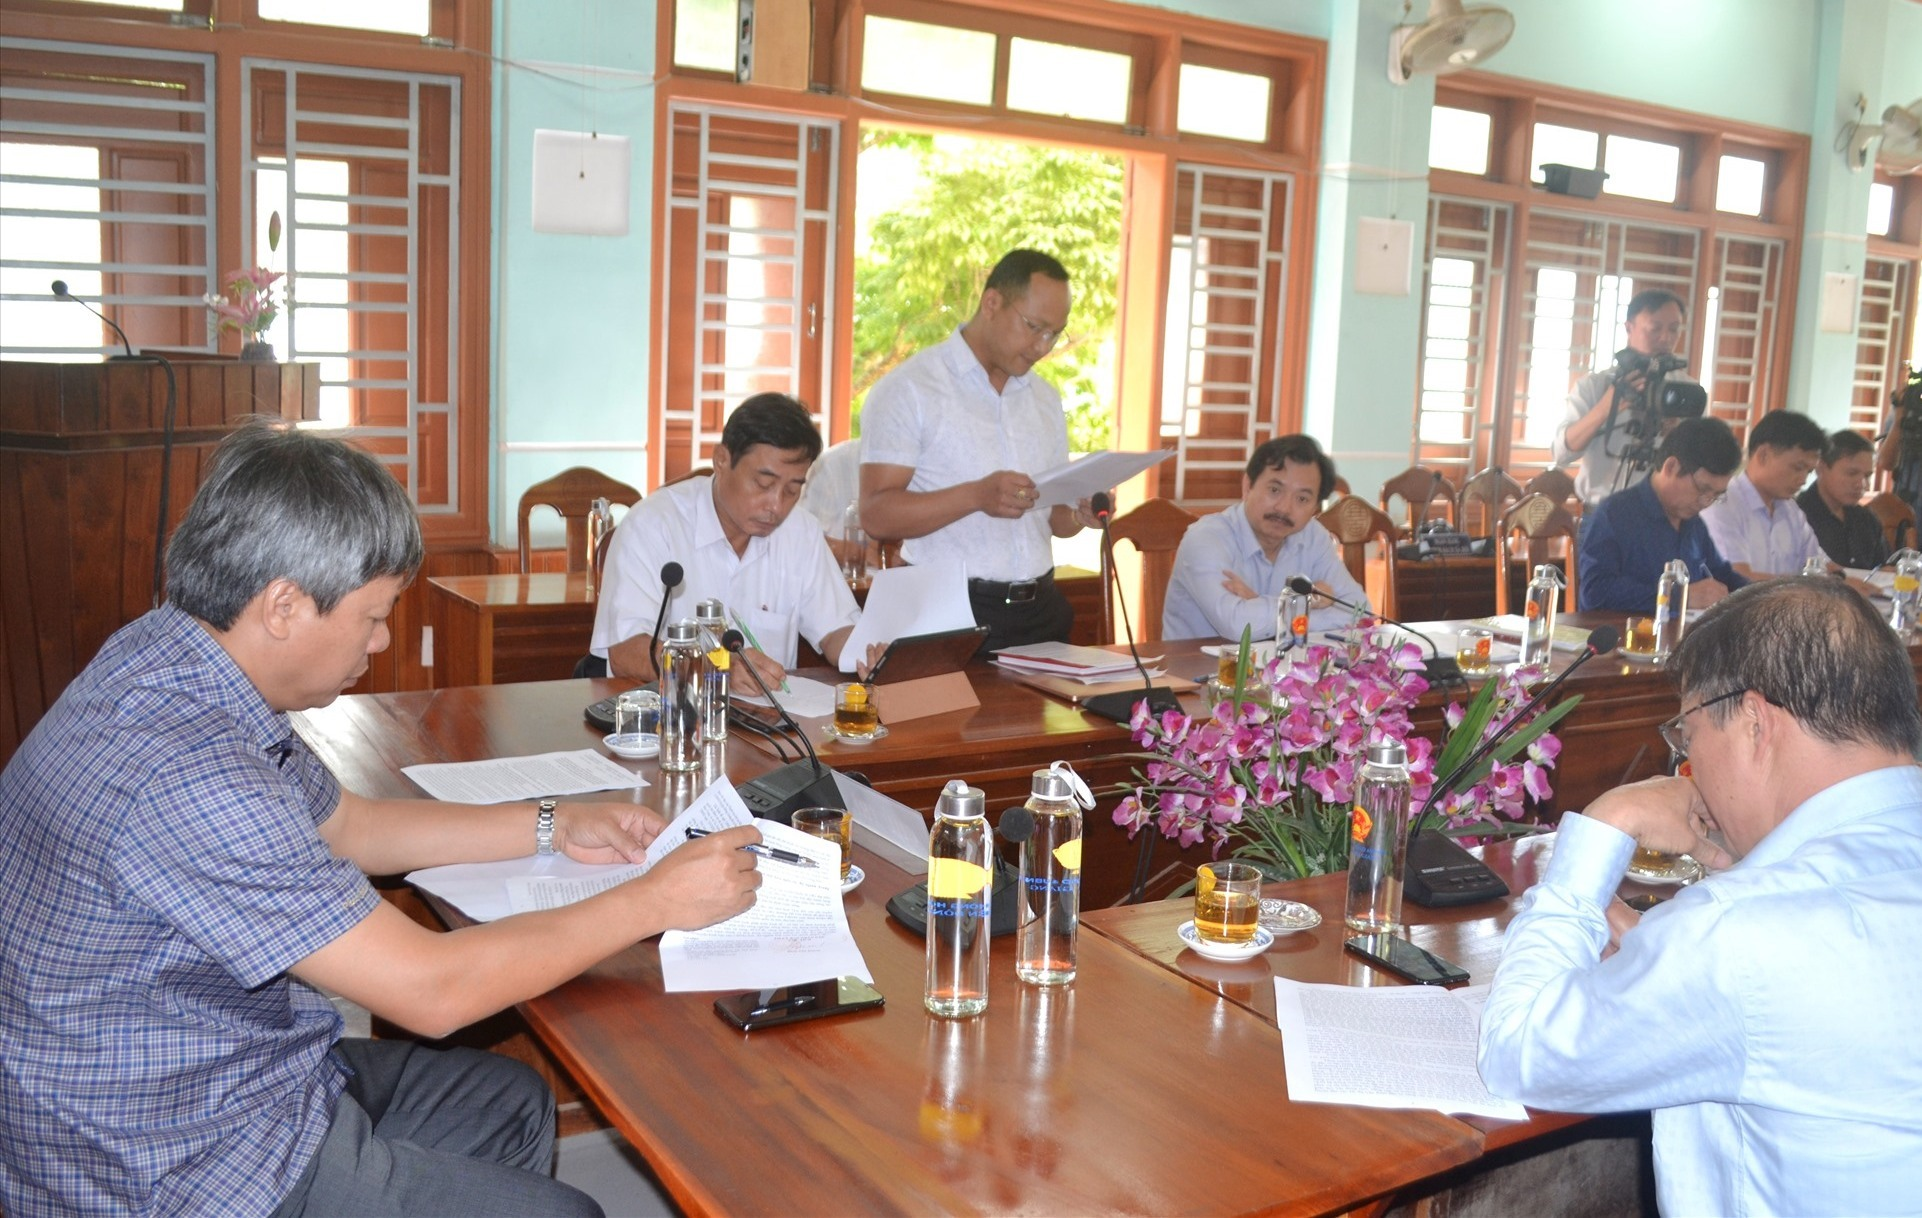 Chủ tịch UBND huyện Đông Giang - ông Đinh Văn Hươm kiến nghị với đoàn công tác giải quyết những khó khăn, vướng mắc của địa phương. Ảnh: CT